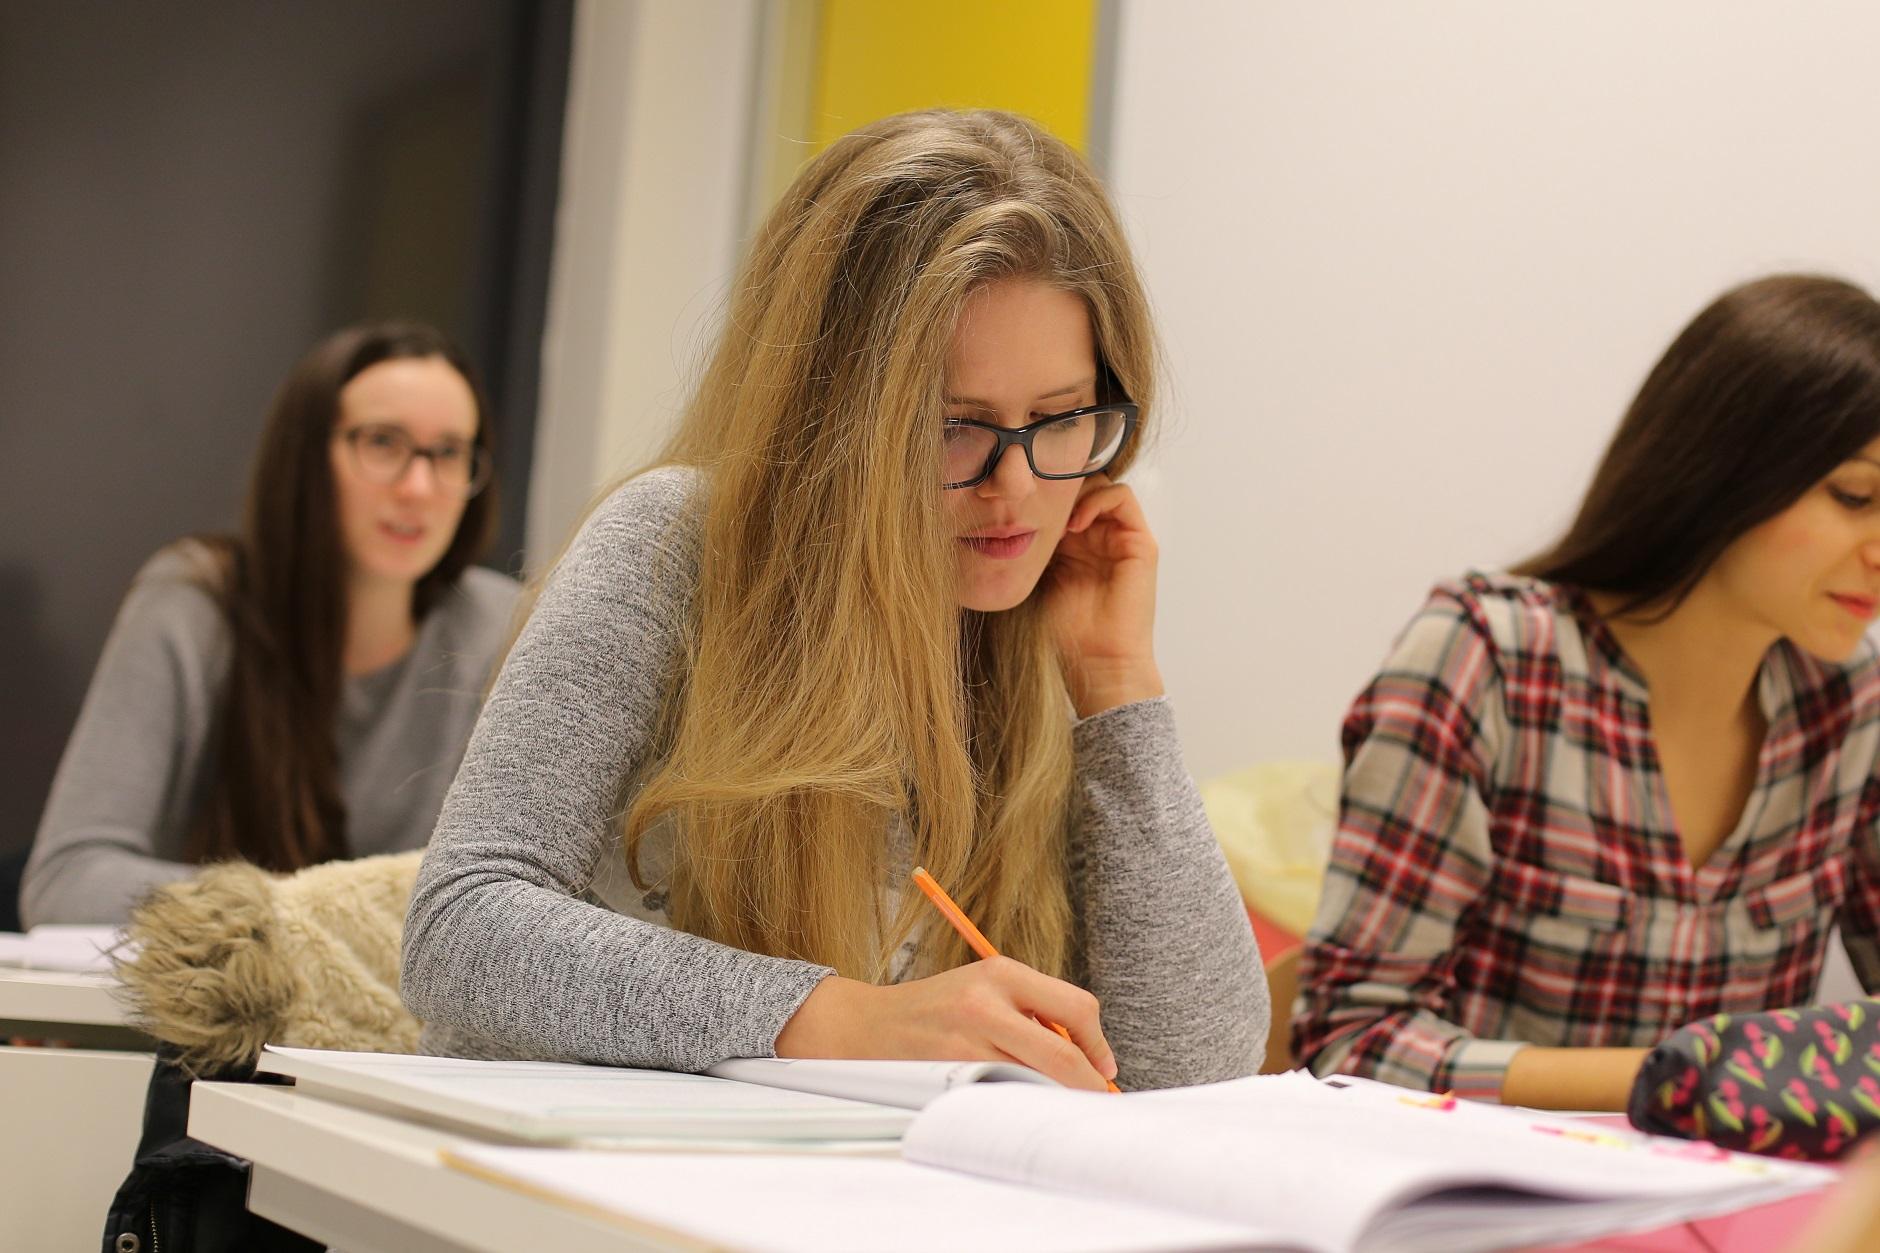 Škola Jantar vas uvodi u novu eru testiranja znanja jezika